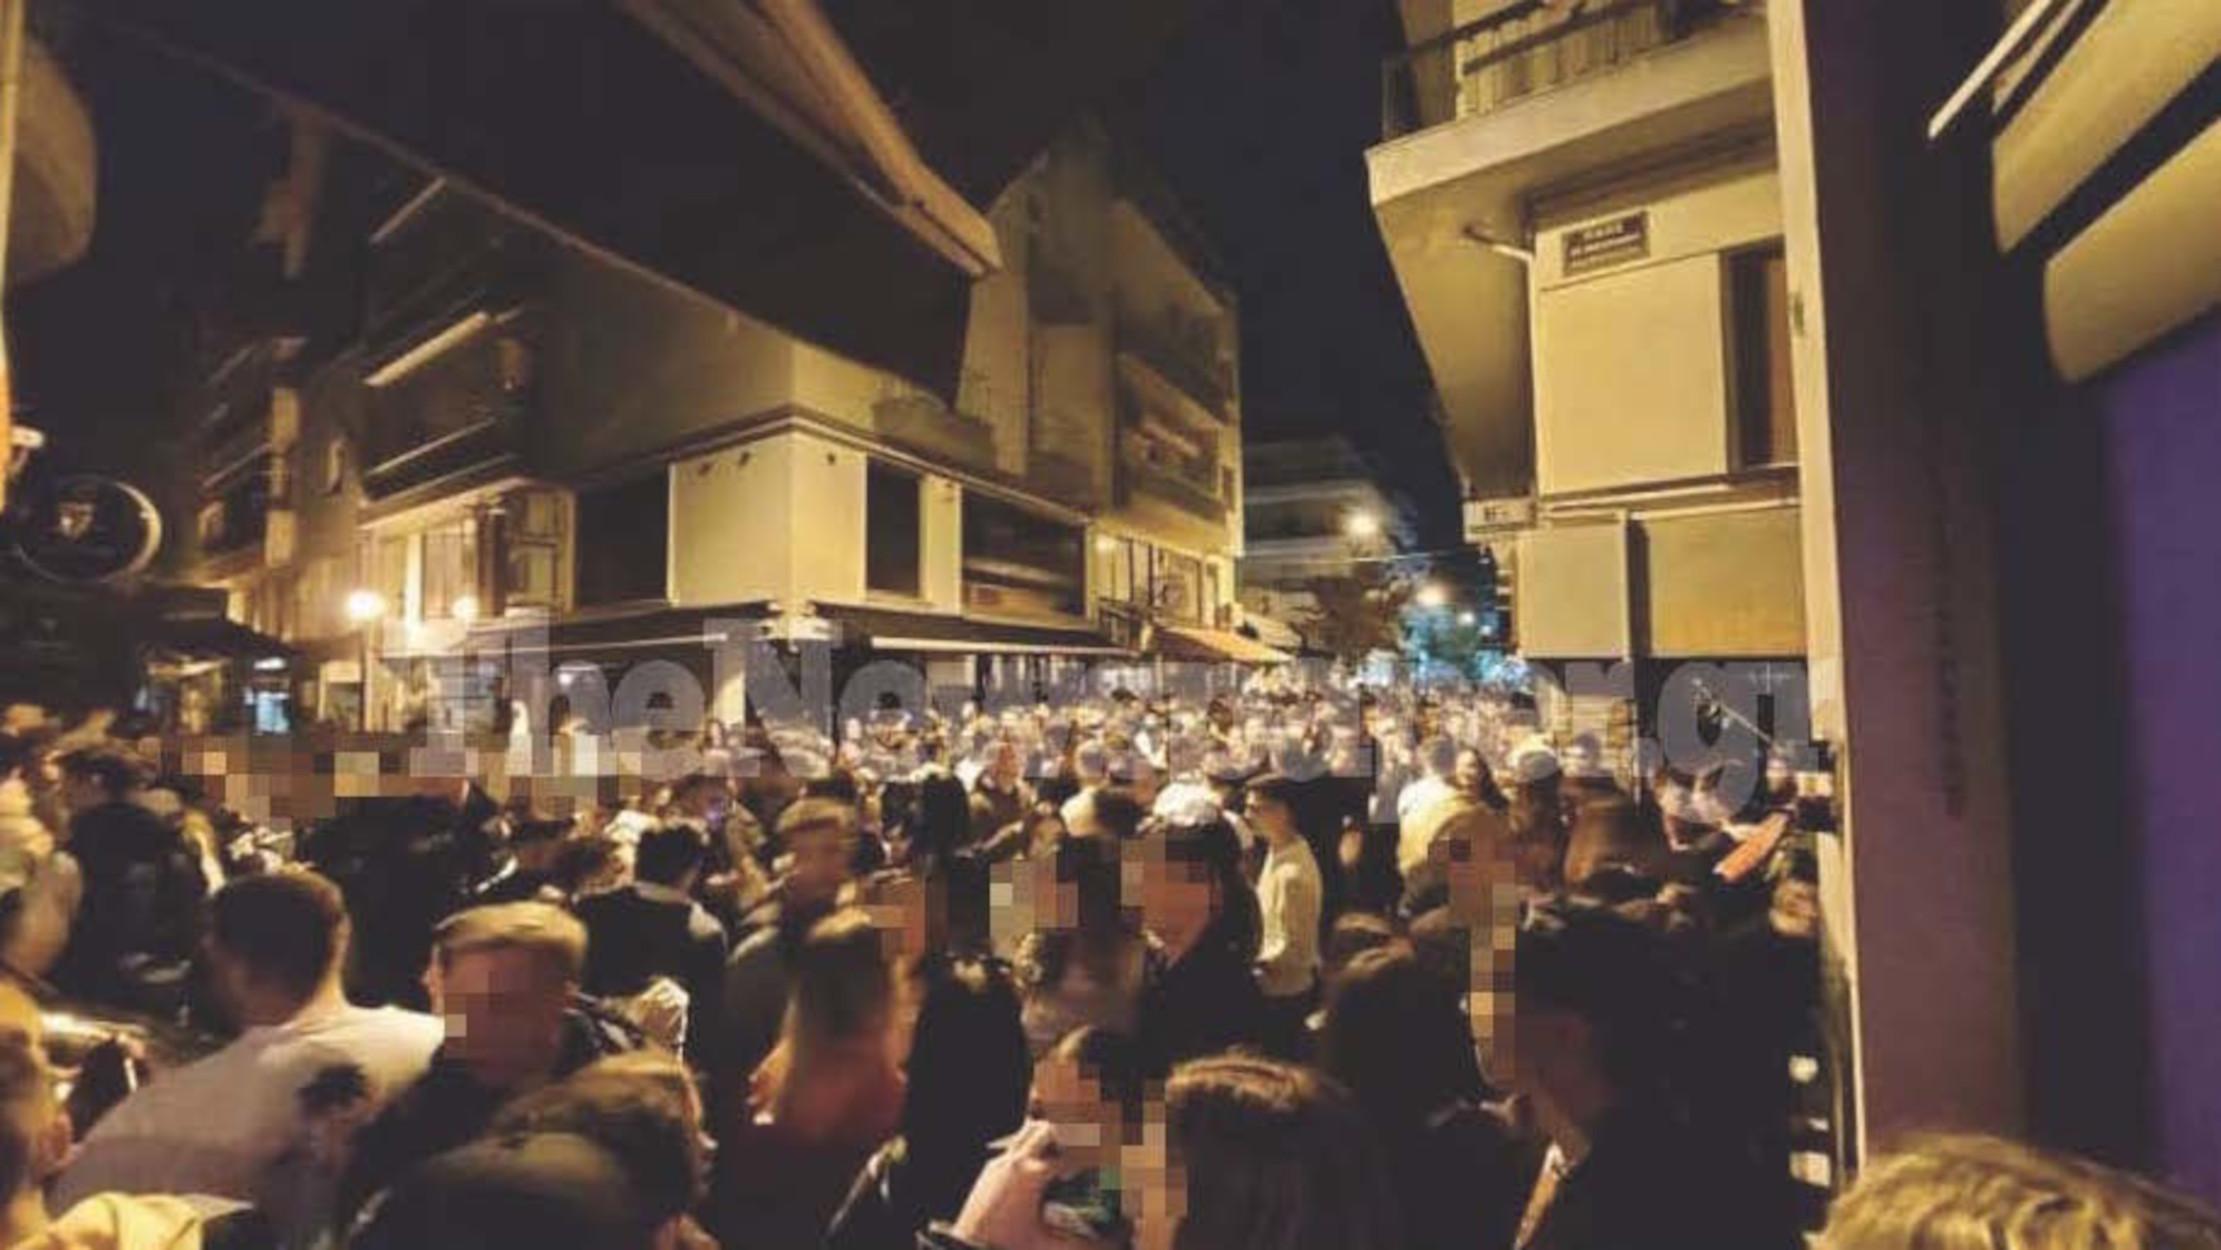 Βόλος: Νέο κορονοπάρτι με πάνω από 100 άτομα στο κέντρο της πόλης (pic)